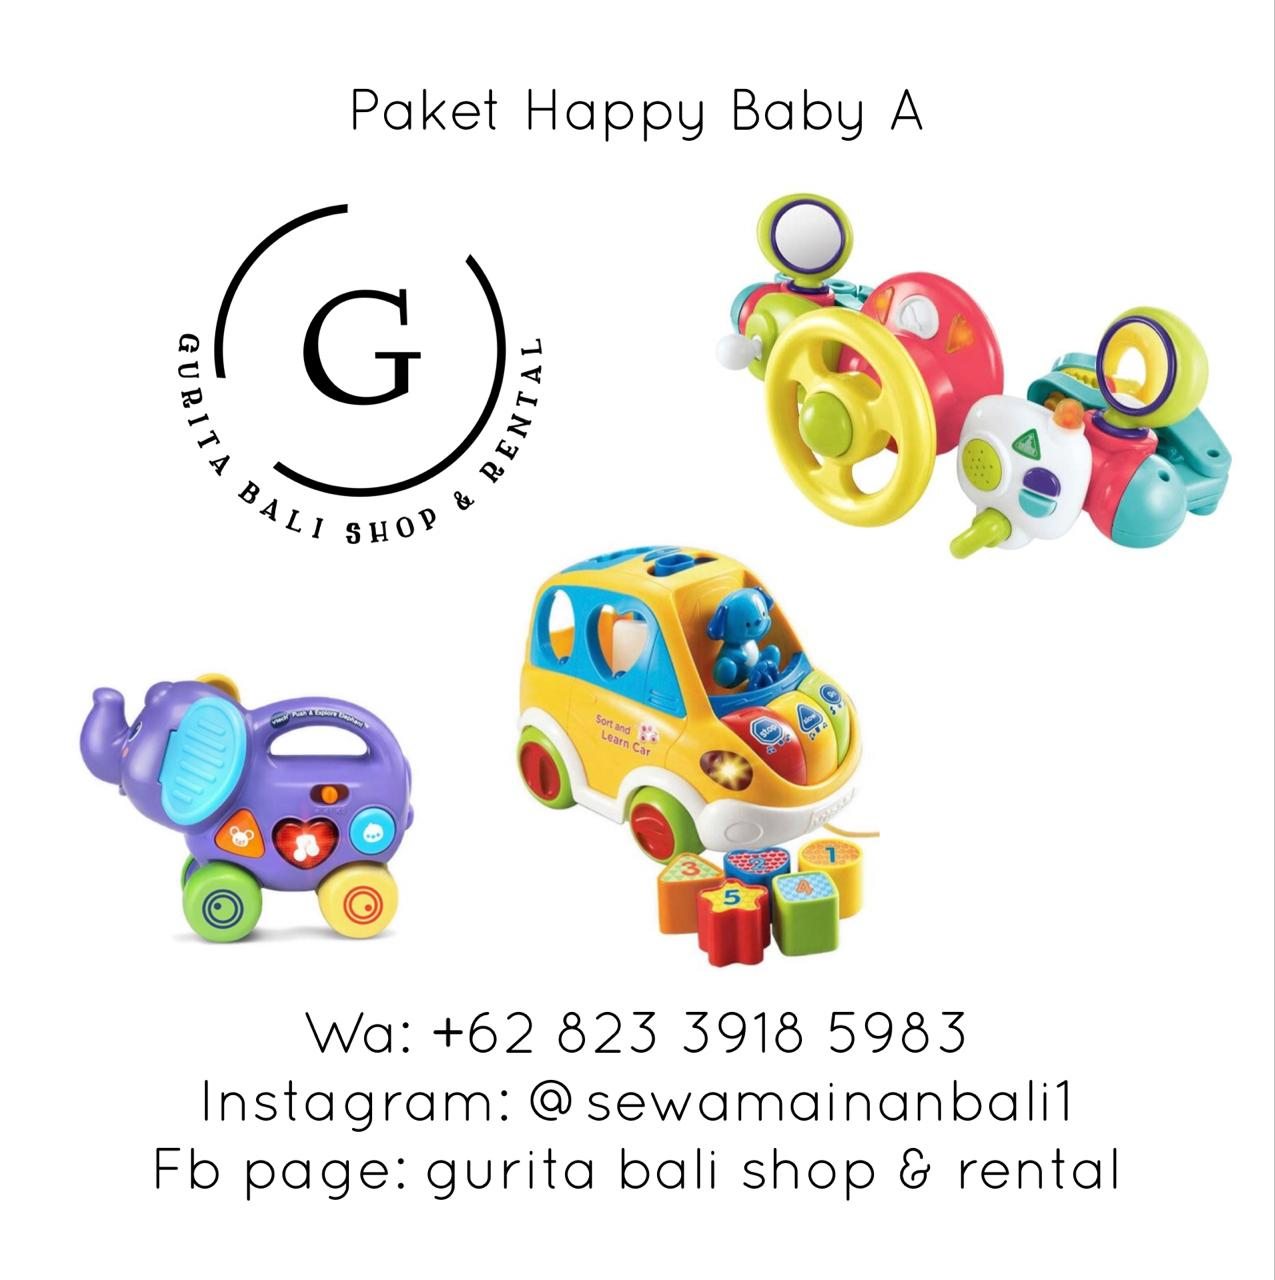 PAKET HAPPY BABY A